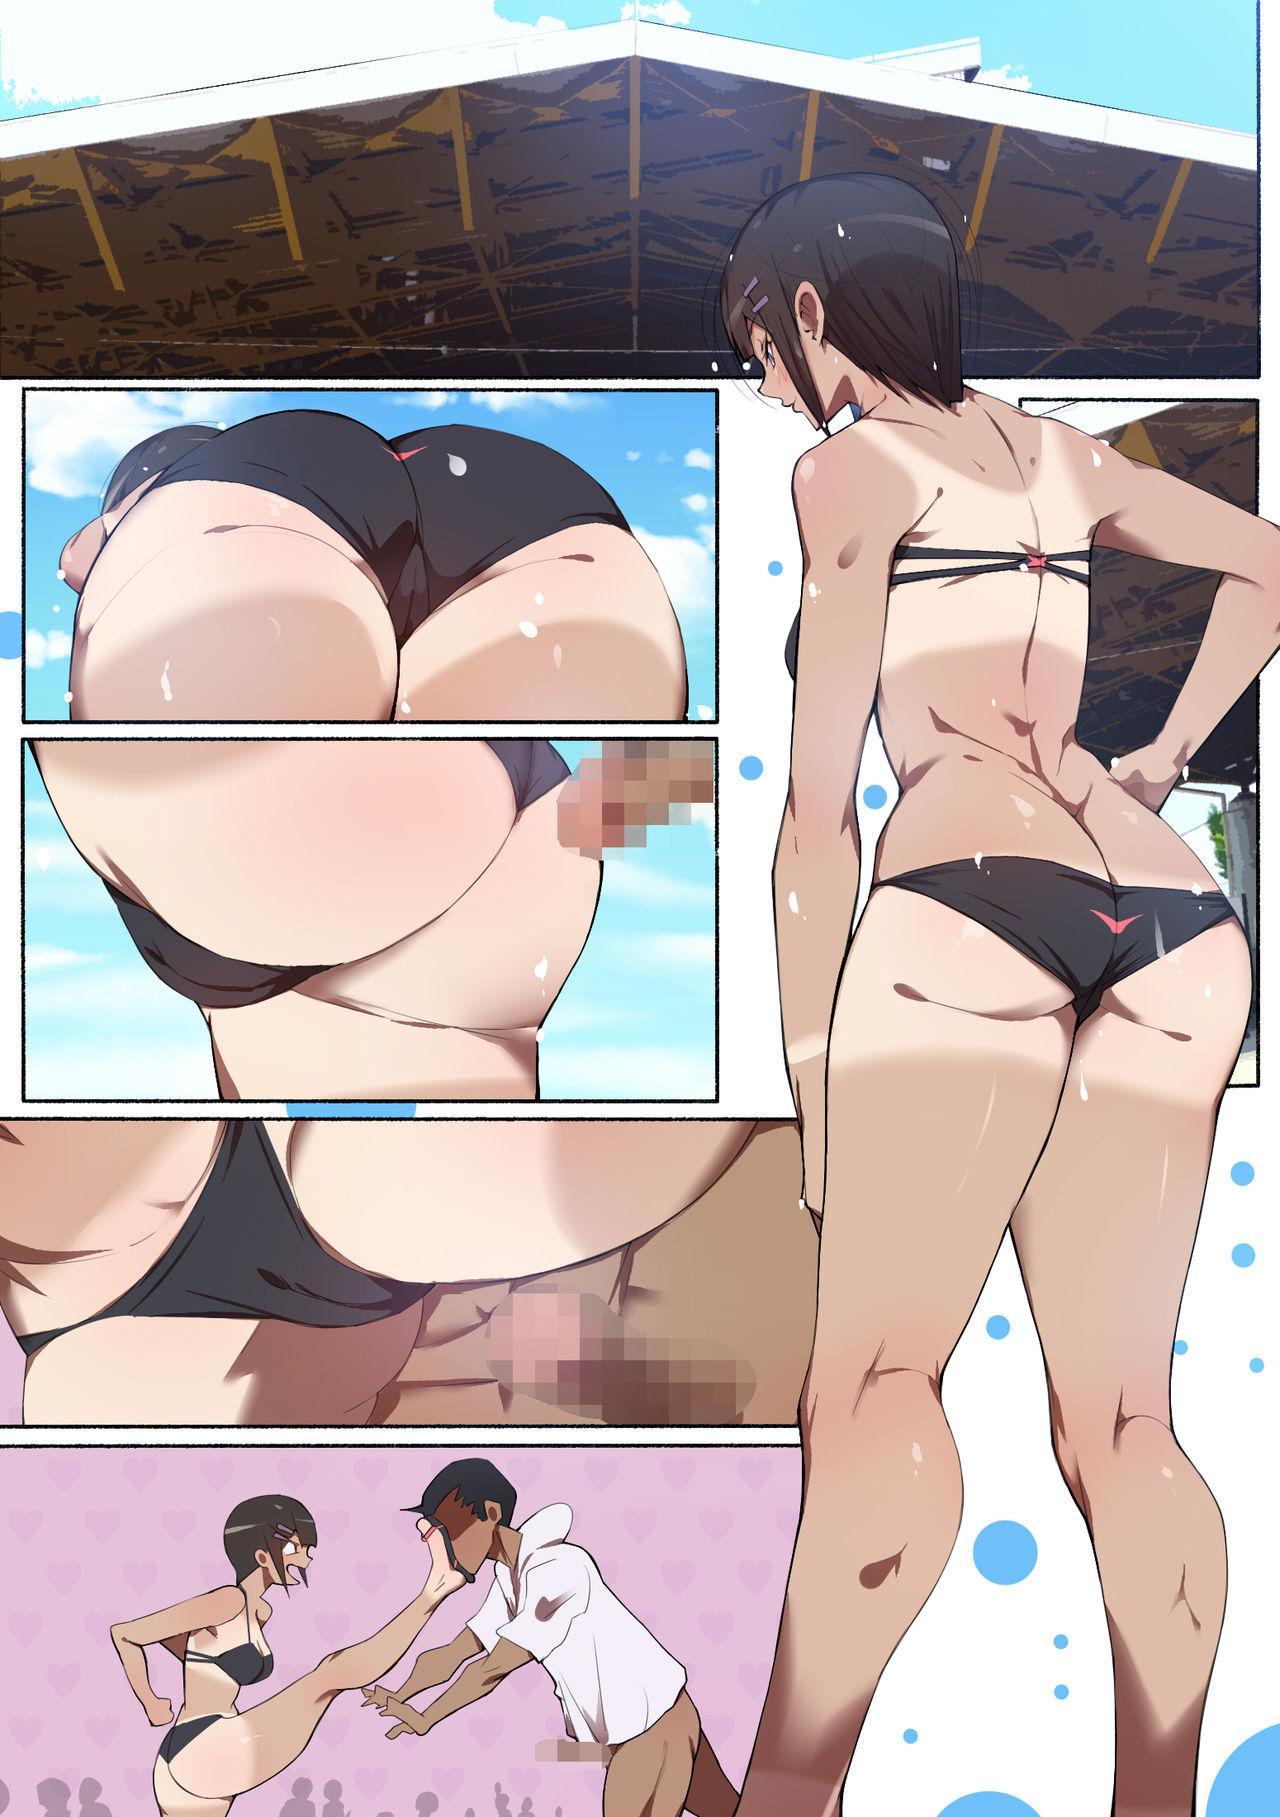 [Aikokusha (Agobitch Nee-san)] Seifuku Bishoujo 2gakki Ee!? Oshiri ni Koishiteru? Cheer Girl-chan to Dosukebe na Onnanoko-tachi dattee? 78